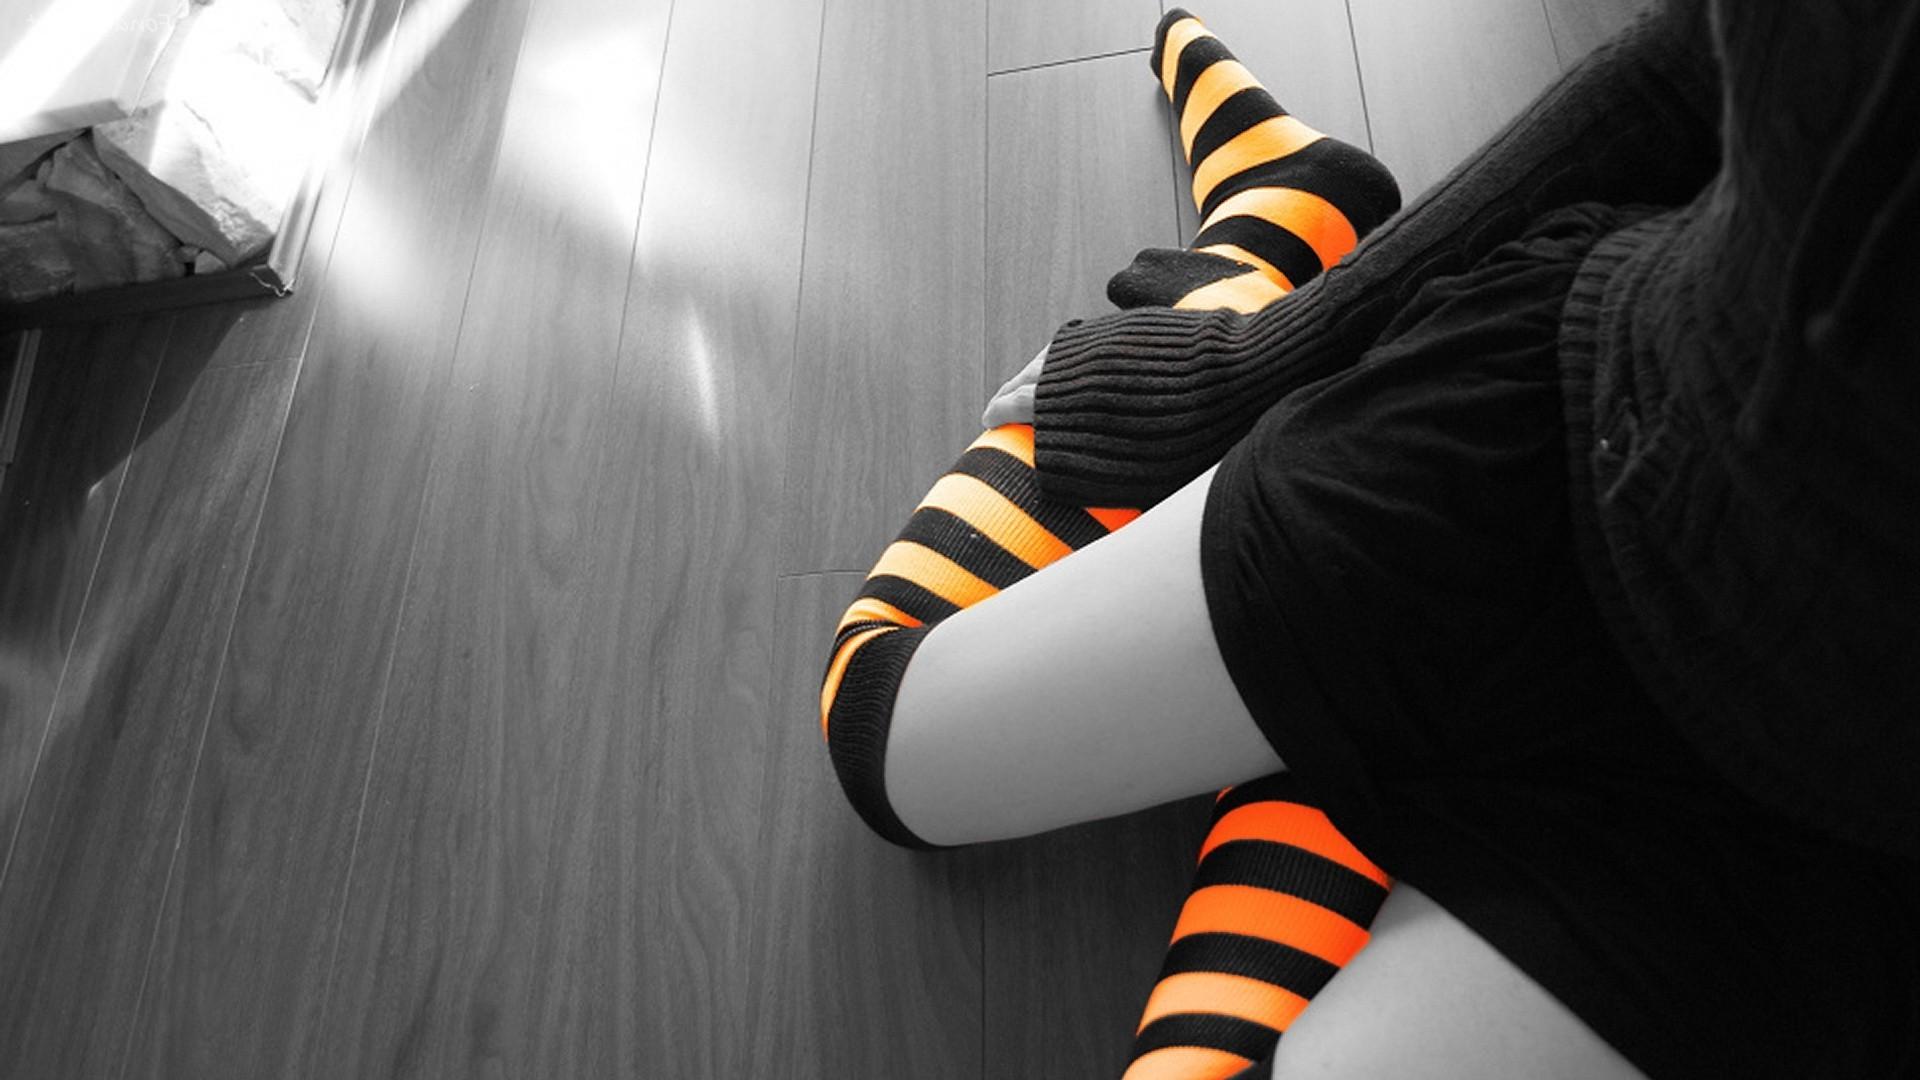 Hintergrundbilder : Weiß, schwarz, Frau, Beine, Selektive Färbung ...